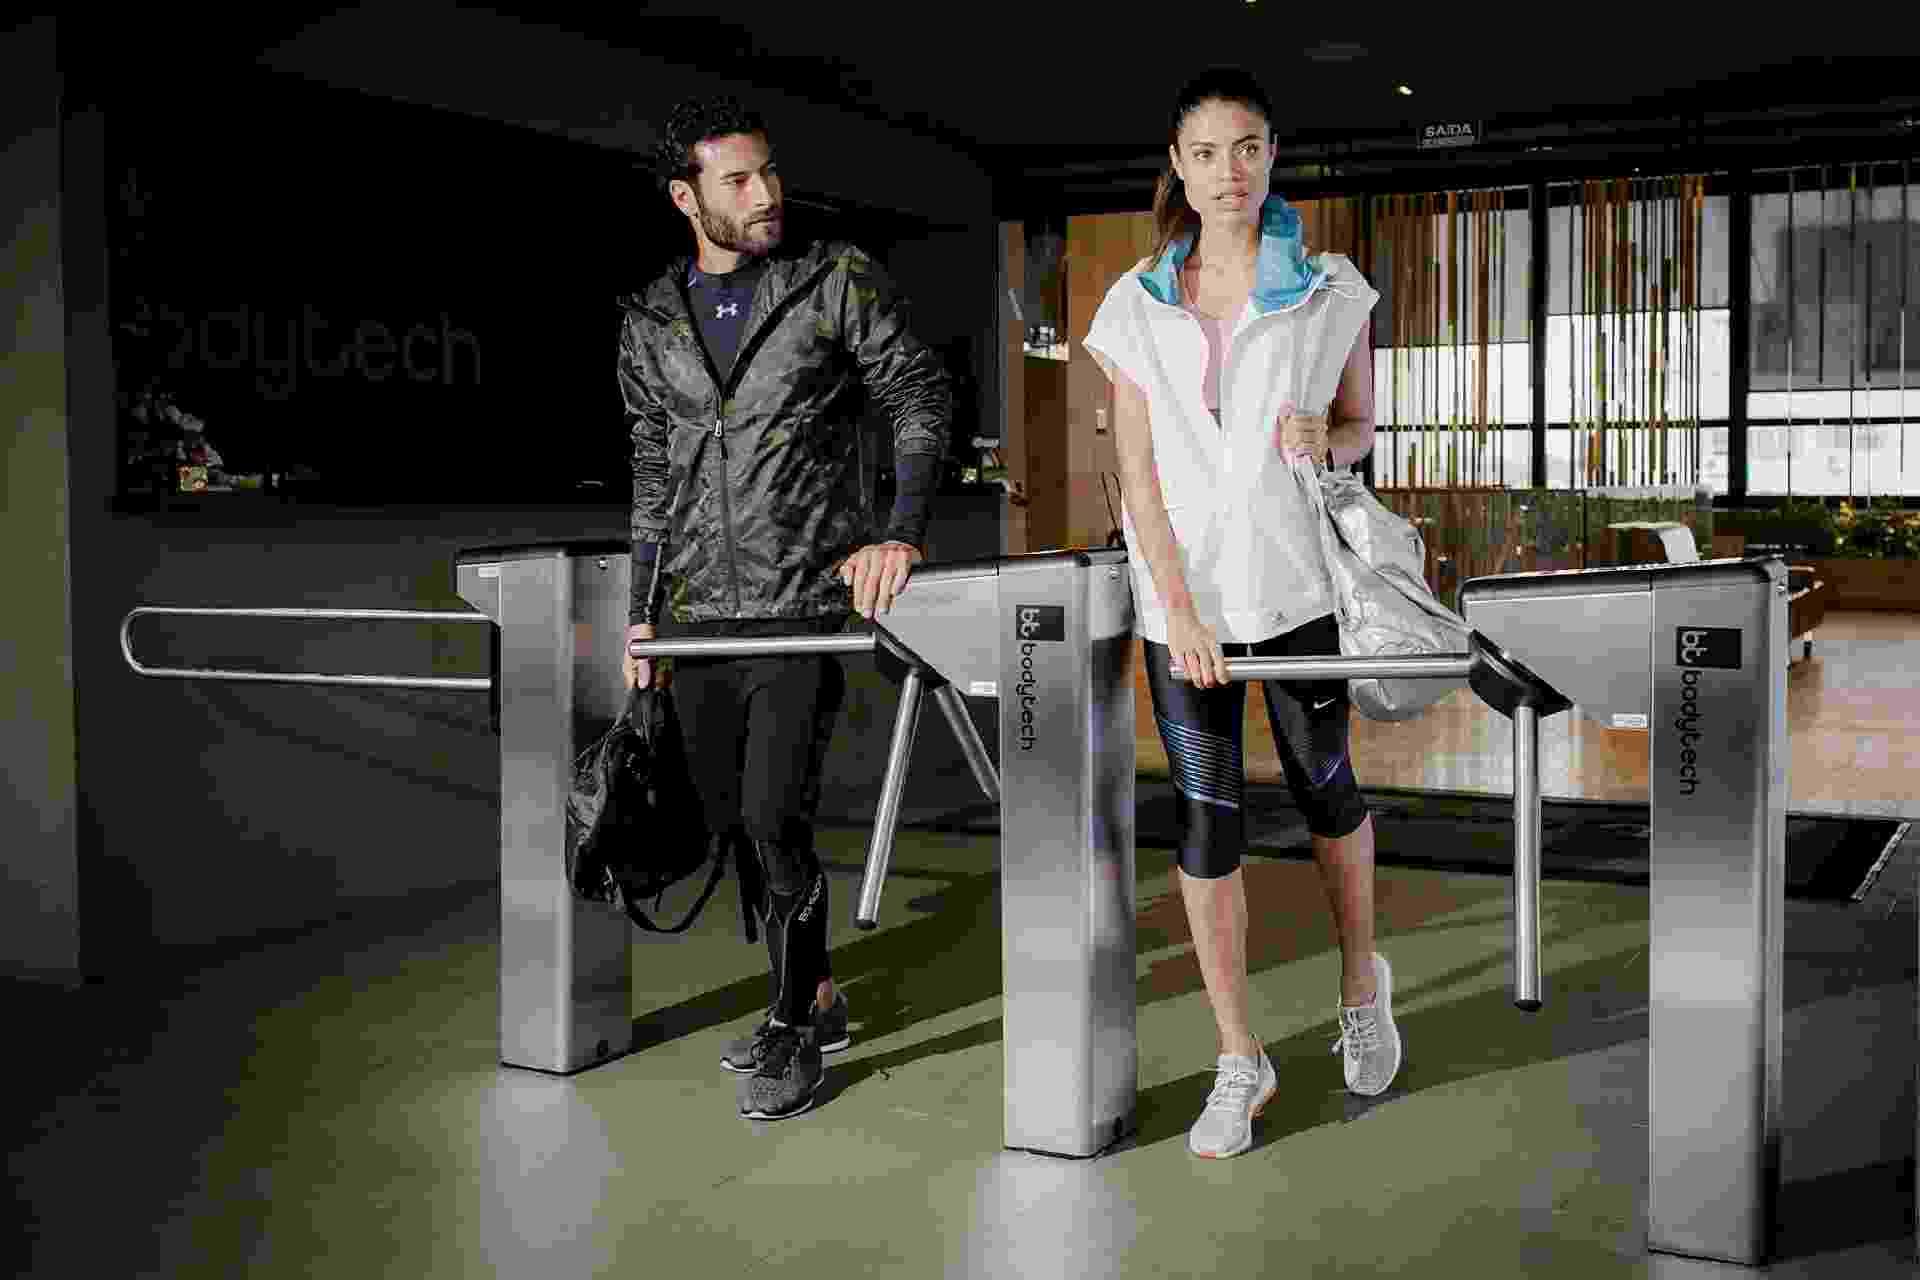 Editorial de fitness luxo fotografado na BodyTech - Leandro Moraes/UOL